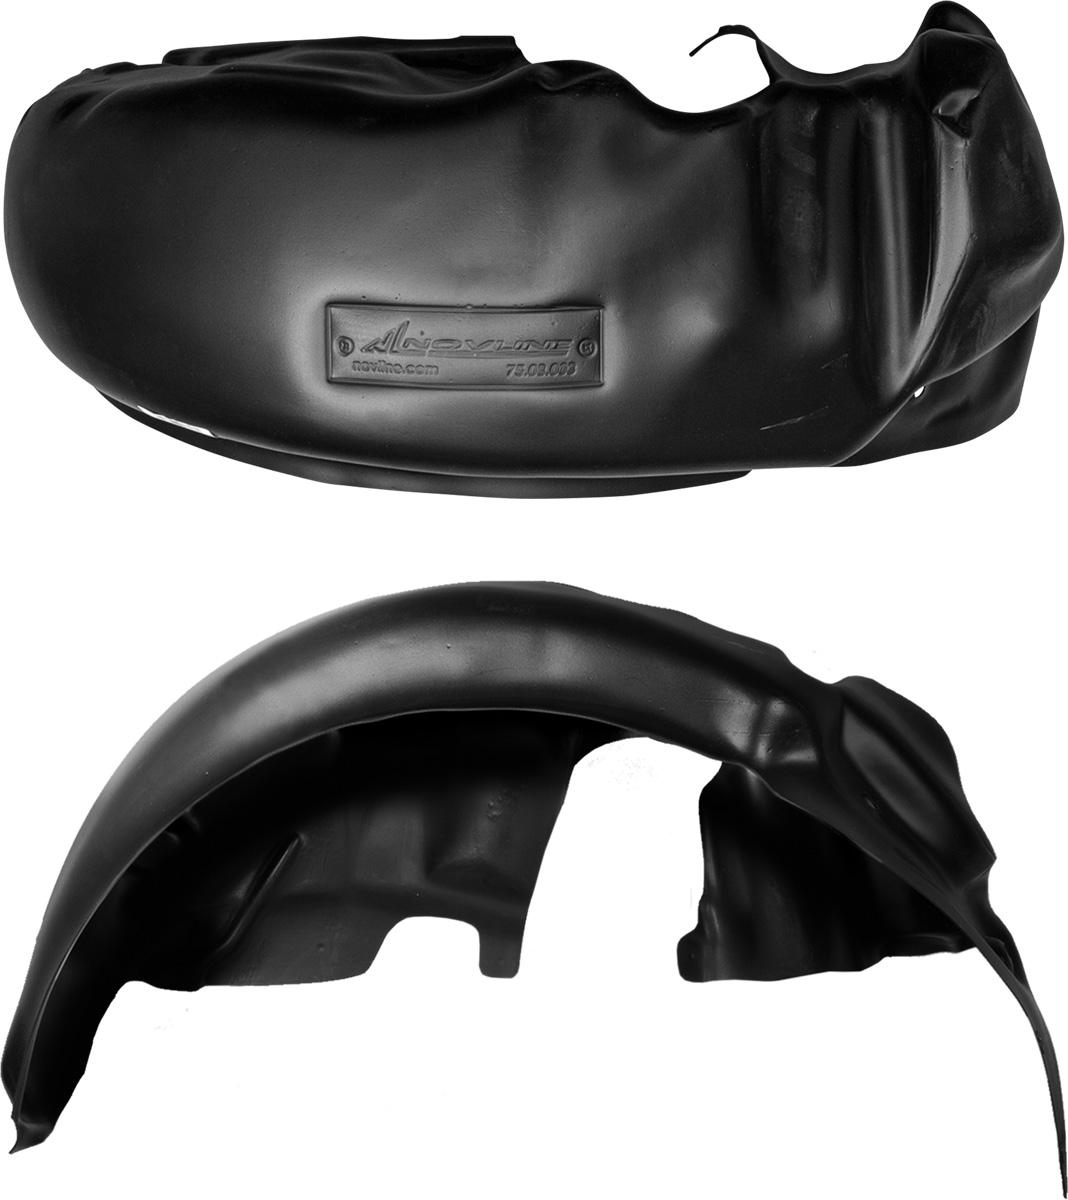 Подкрылок Novline-Autofamily, для Chevrolet Lacetti, 2004-2013, хэтчбек, седан, задний правый4504Колесные ниши - одни из самых уязвимых зон днища вашего автомобиля. Они постоянно подвергаются воздействию со стороны дороги. Лучшая, почти абсолютная защита для них - специально отформованные пластиковые кожухи, которые называются подкрылками. Производятся они как для отечественных моделей автомобилей, так и для иномарок. Подкрылки Novline-Autofamily выполнены из высококачественного, экологически чистого пластика. Обеспечивают надежную защиту кузова автомобиля от пескоструйного эффекта и негативного влияния, агрессивных антигололедных реагентов. Пластик обладает более низкой теплопроводностью, чем металл, поэтому в зимний период эксплуатации использование пластиковых подкрылков позволяет лучше защитить колесные ниши от налипания снега и образования наледи. Оригинальность конструкции подчеркивает элегантность автомобиля, бережно защищает нанесенное на днище кузова антикоррозийное покрытие и позволяет осуществить крепление подкрылков внутри колесной арки практически без дополнительного крепежа и сверления, не нарушая при этом лакокрасочного покрытия, что предотвращает возникновение новых очагов коррозии. Подкрылки долговечны, обладают высокой прочностью и сохраняют заданную форму, а также все свои физико-механические характеристики в самых тяжелых климатических условиях (от -50°С до +50°С).Уважаемые клиенты!Обращаем ваше внимание, на тот факт, что подкрылок имеет форму, соответствующую модели данного автомобиля. Фото служит для визуального восприятия товара.